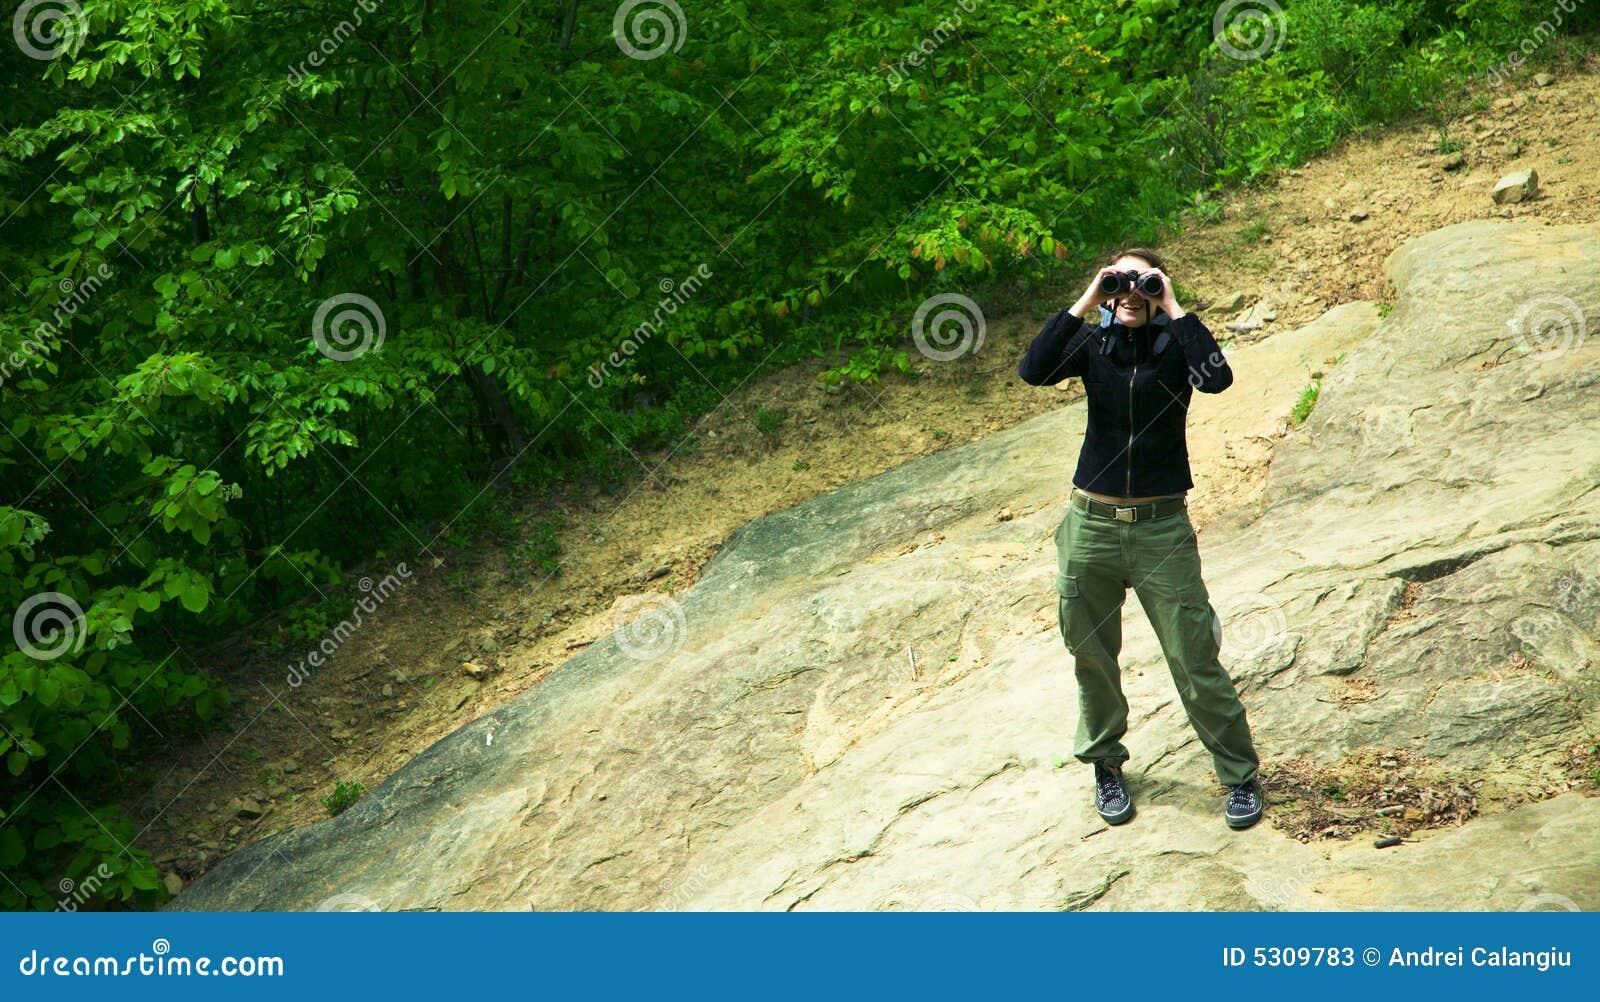 Download Donna In Foresta Con Il Binocolo Immagine Stock - Immagine di schiarimento, alto: 5309783